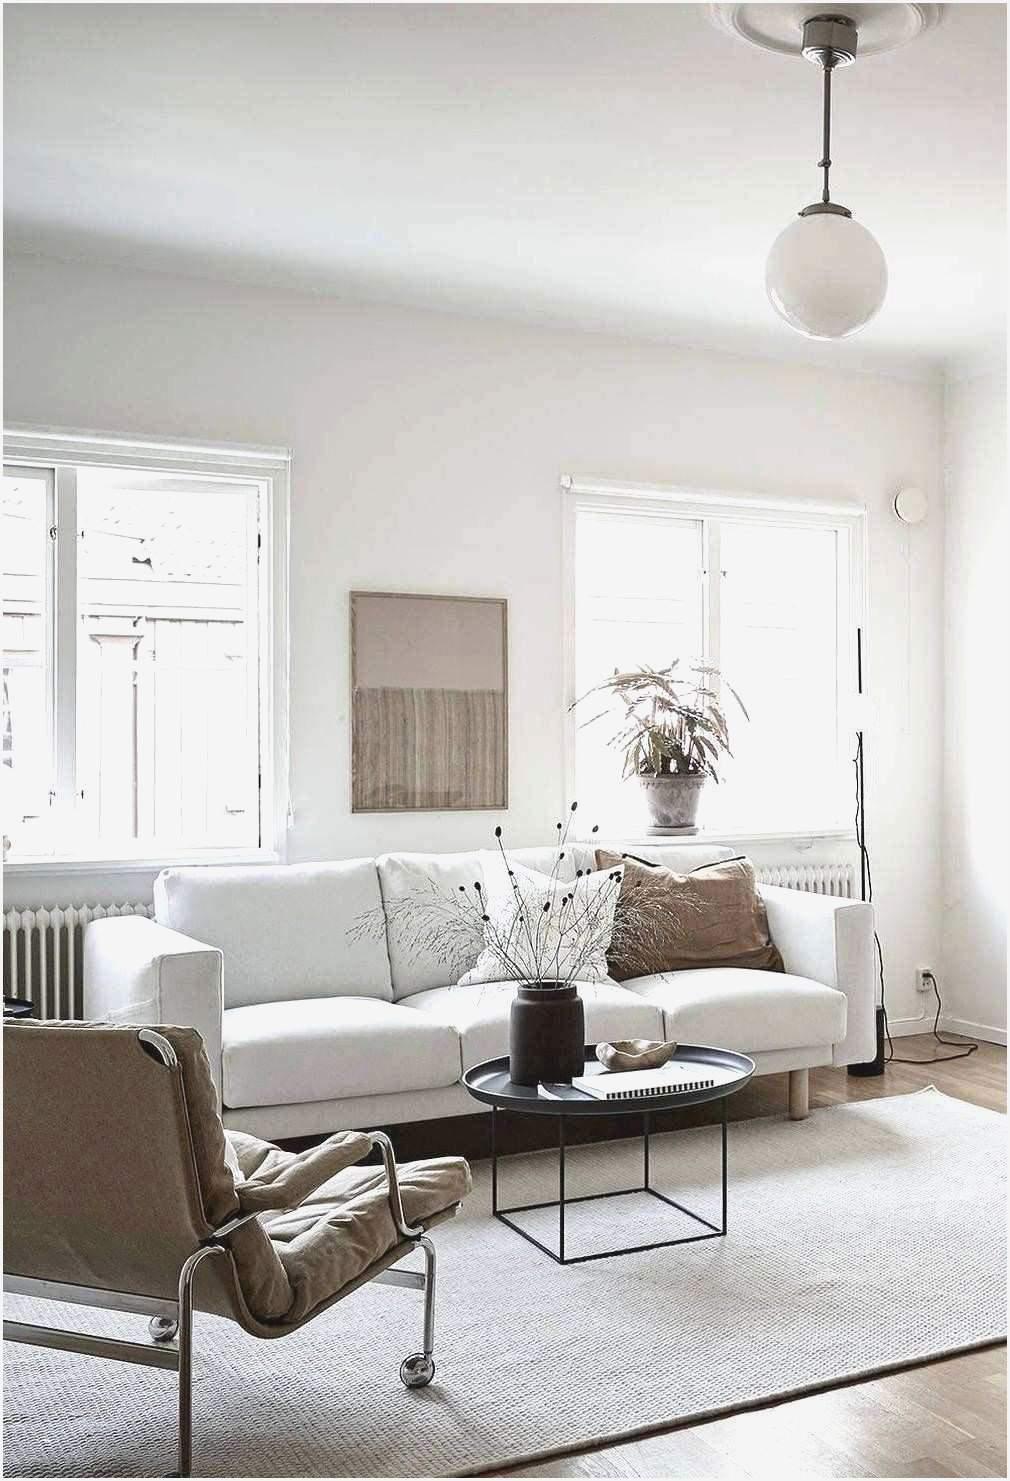 Full Size of Betten Ikea 160x200 Sofa Mit Schlaffunktion Küche Kaufen Kosten Bei Modulküche Miniküche Wohnzimmer Ikea Wandregale